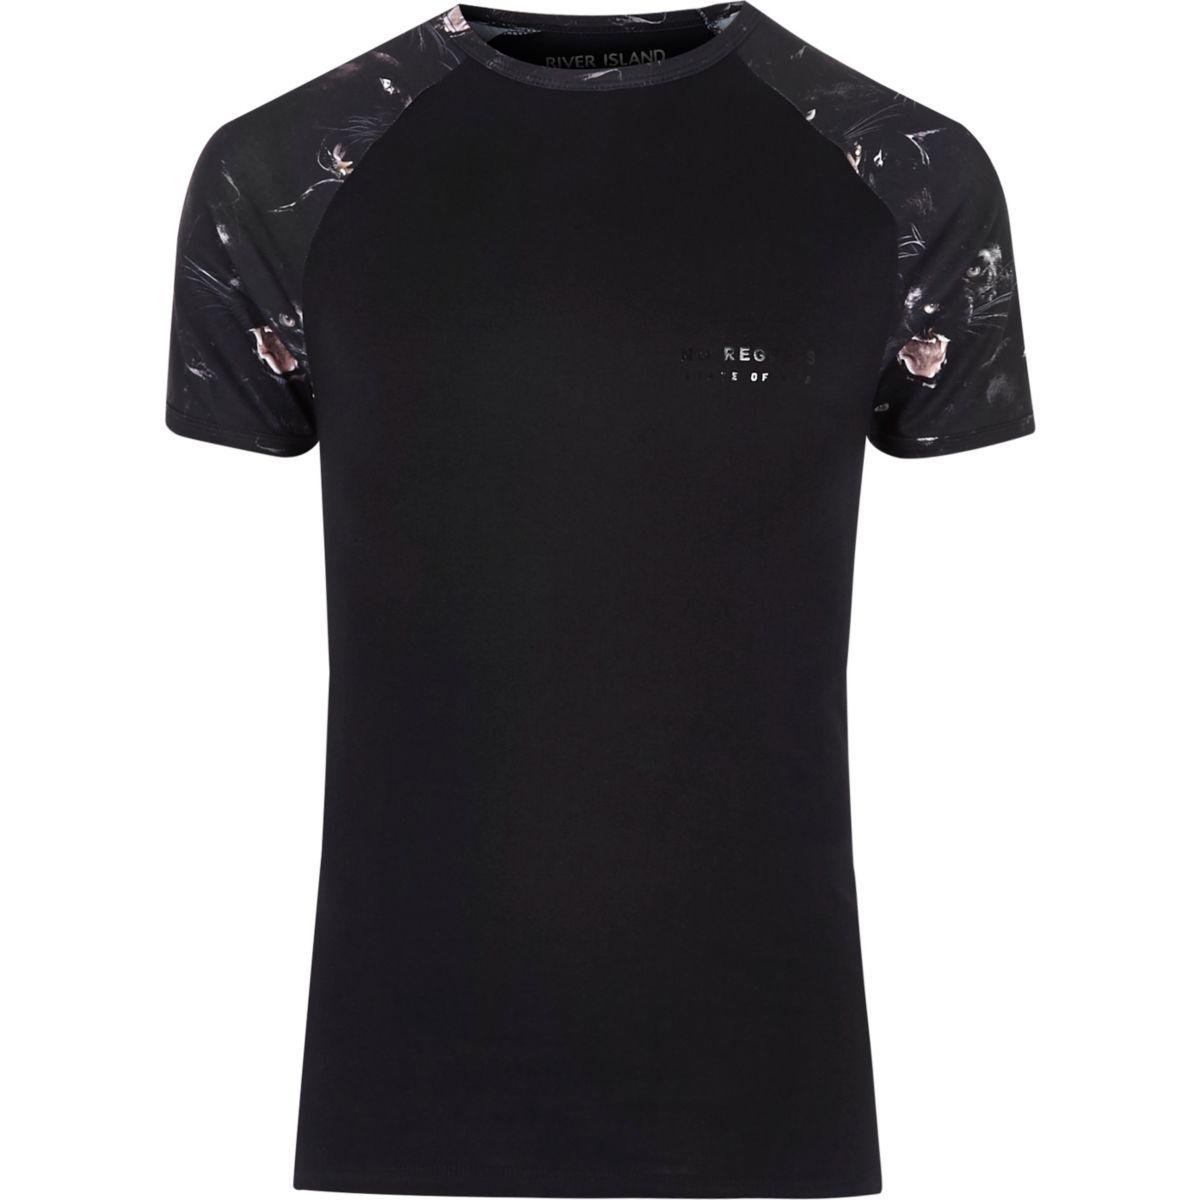 Schwarzes T-Shirt mit Raglan-Ärmeln